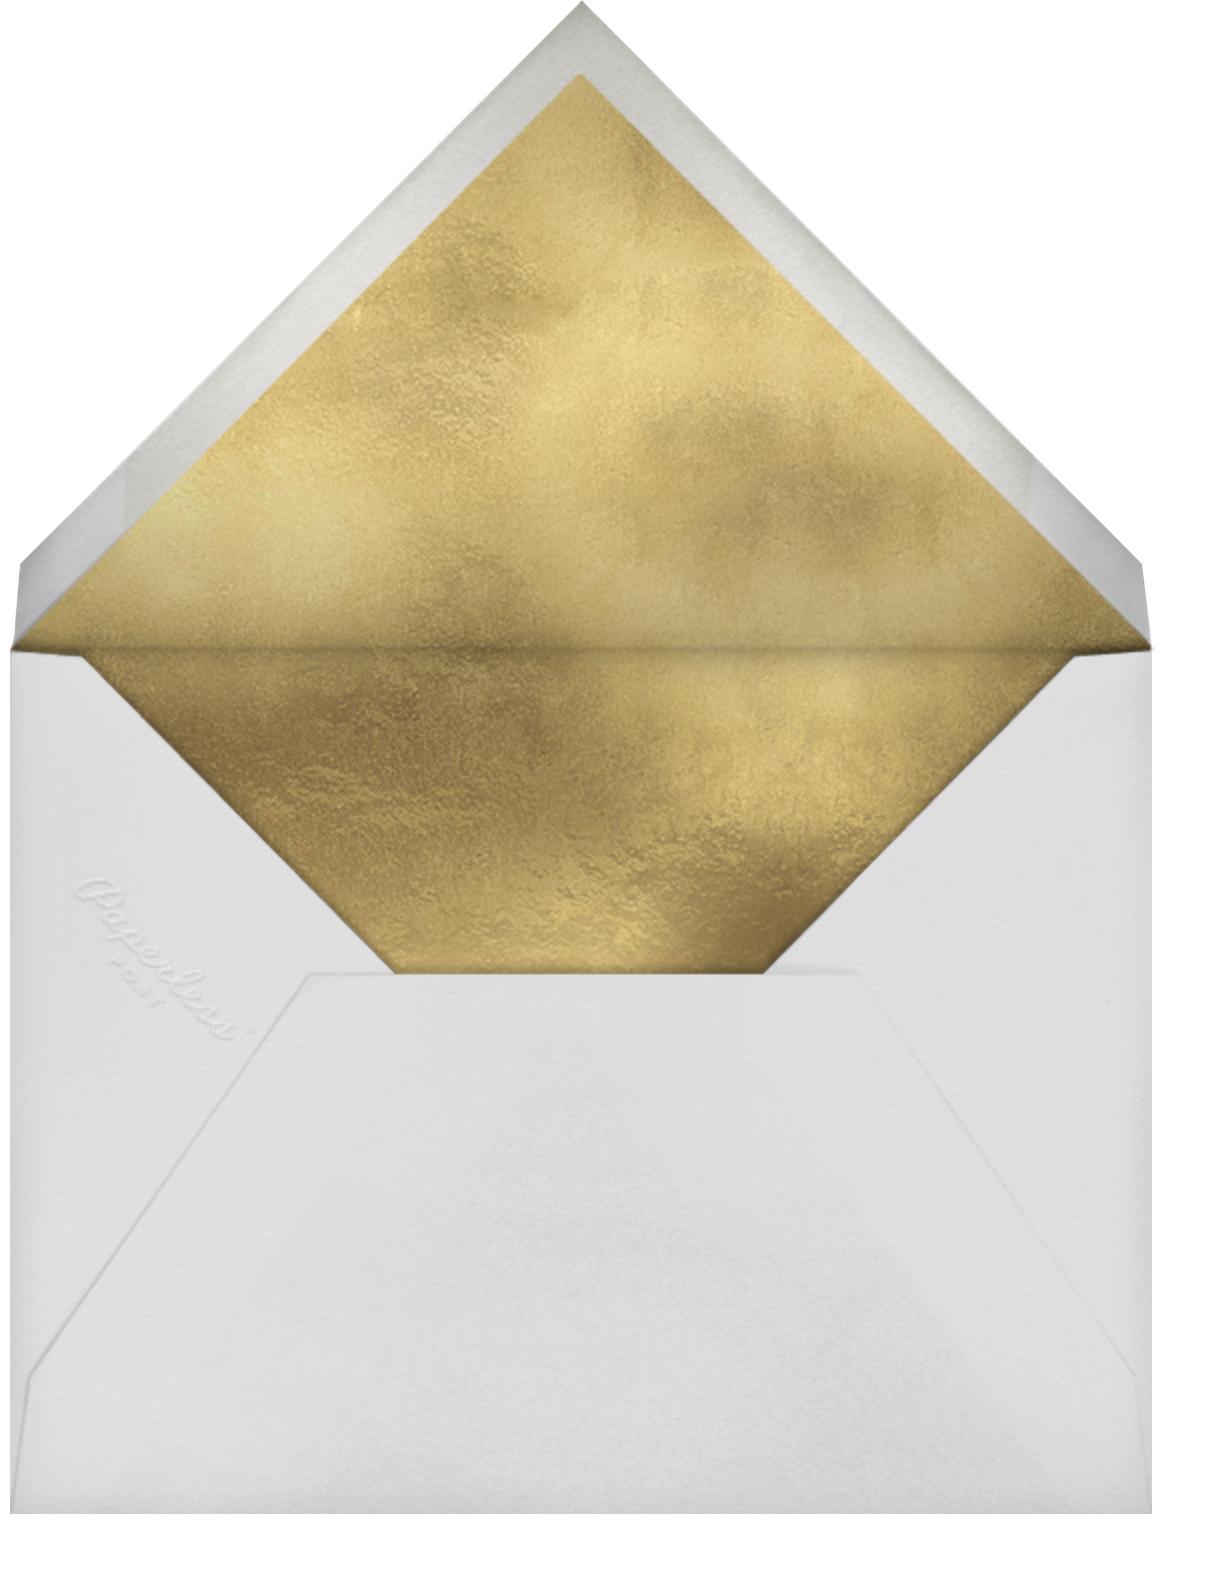 Stamped Greenery - Blossom - Oscar de la Renta - Mother's Day - envelope back